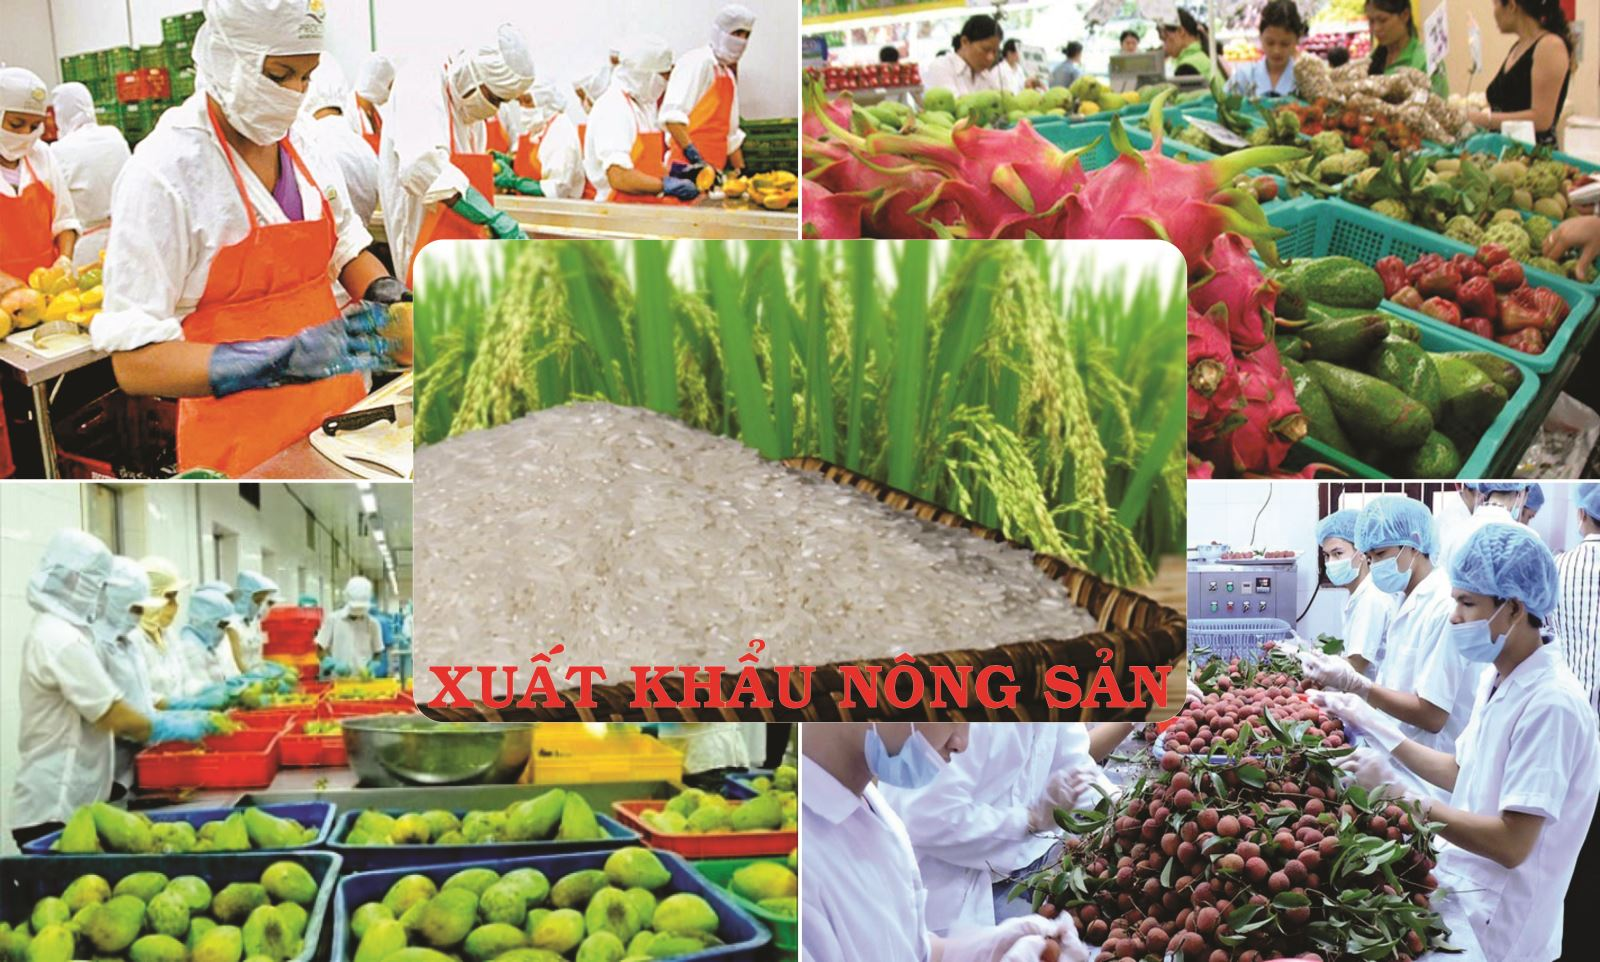 Tình hình xuất khẩu hàng nông, lâm, thủy sản 4 tháng đầu năm 2020